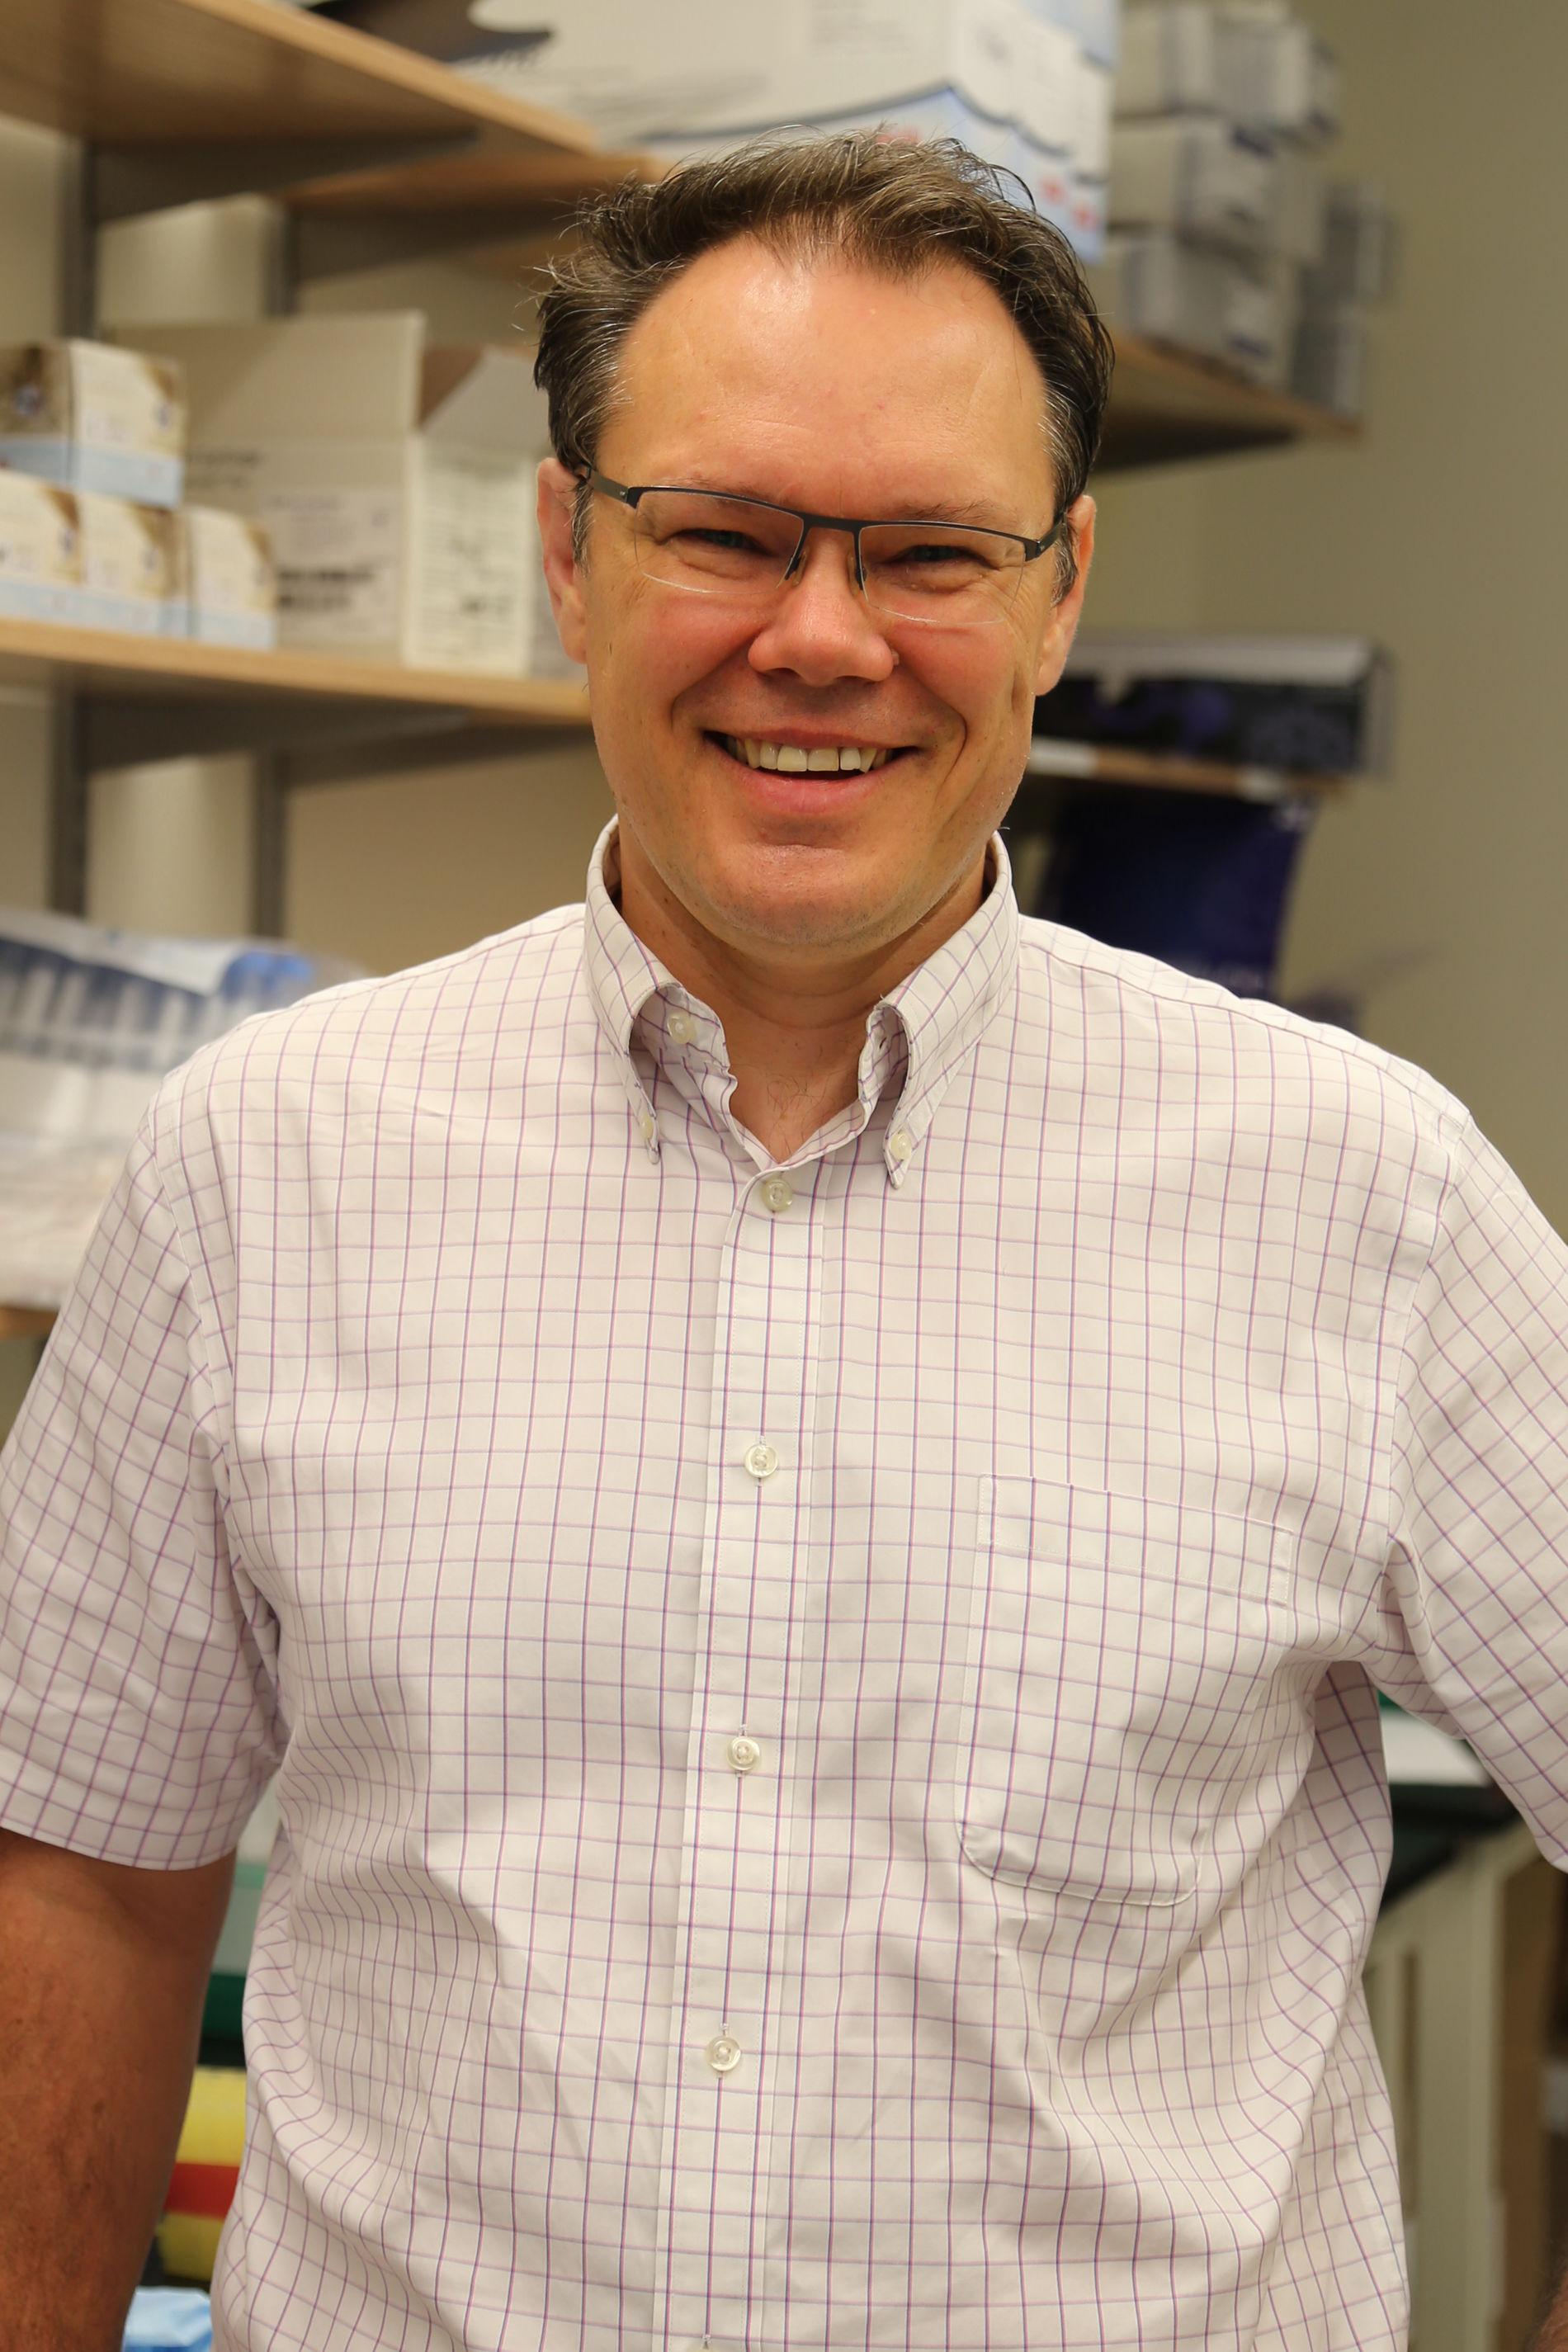 Andrei Krivtsov, PhD - Lead Scientist